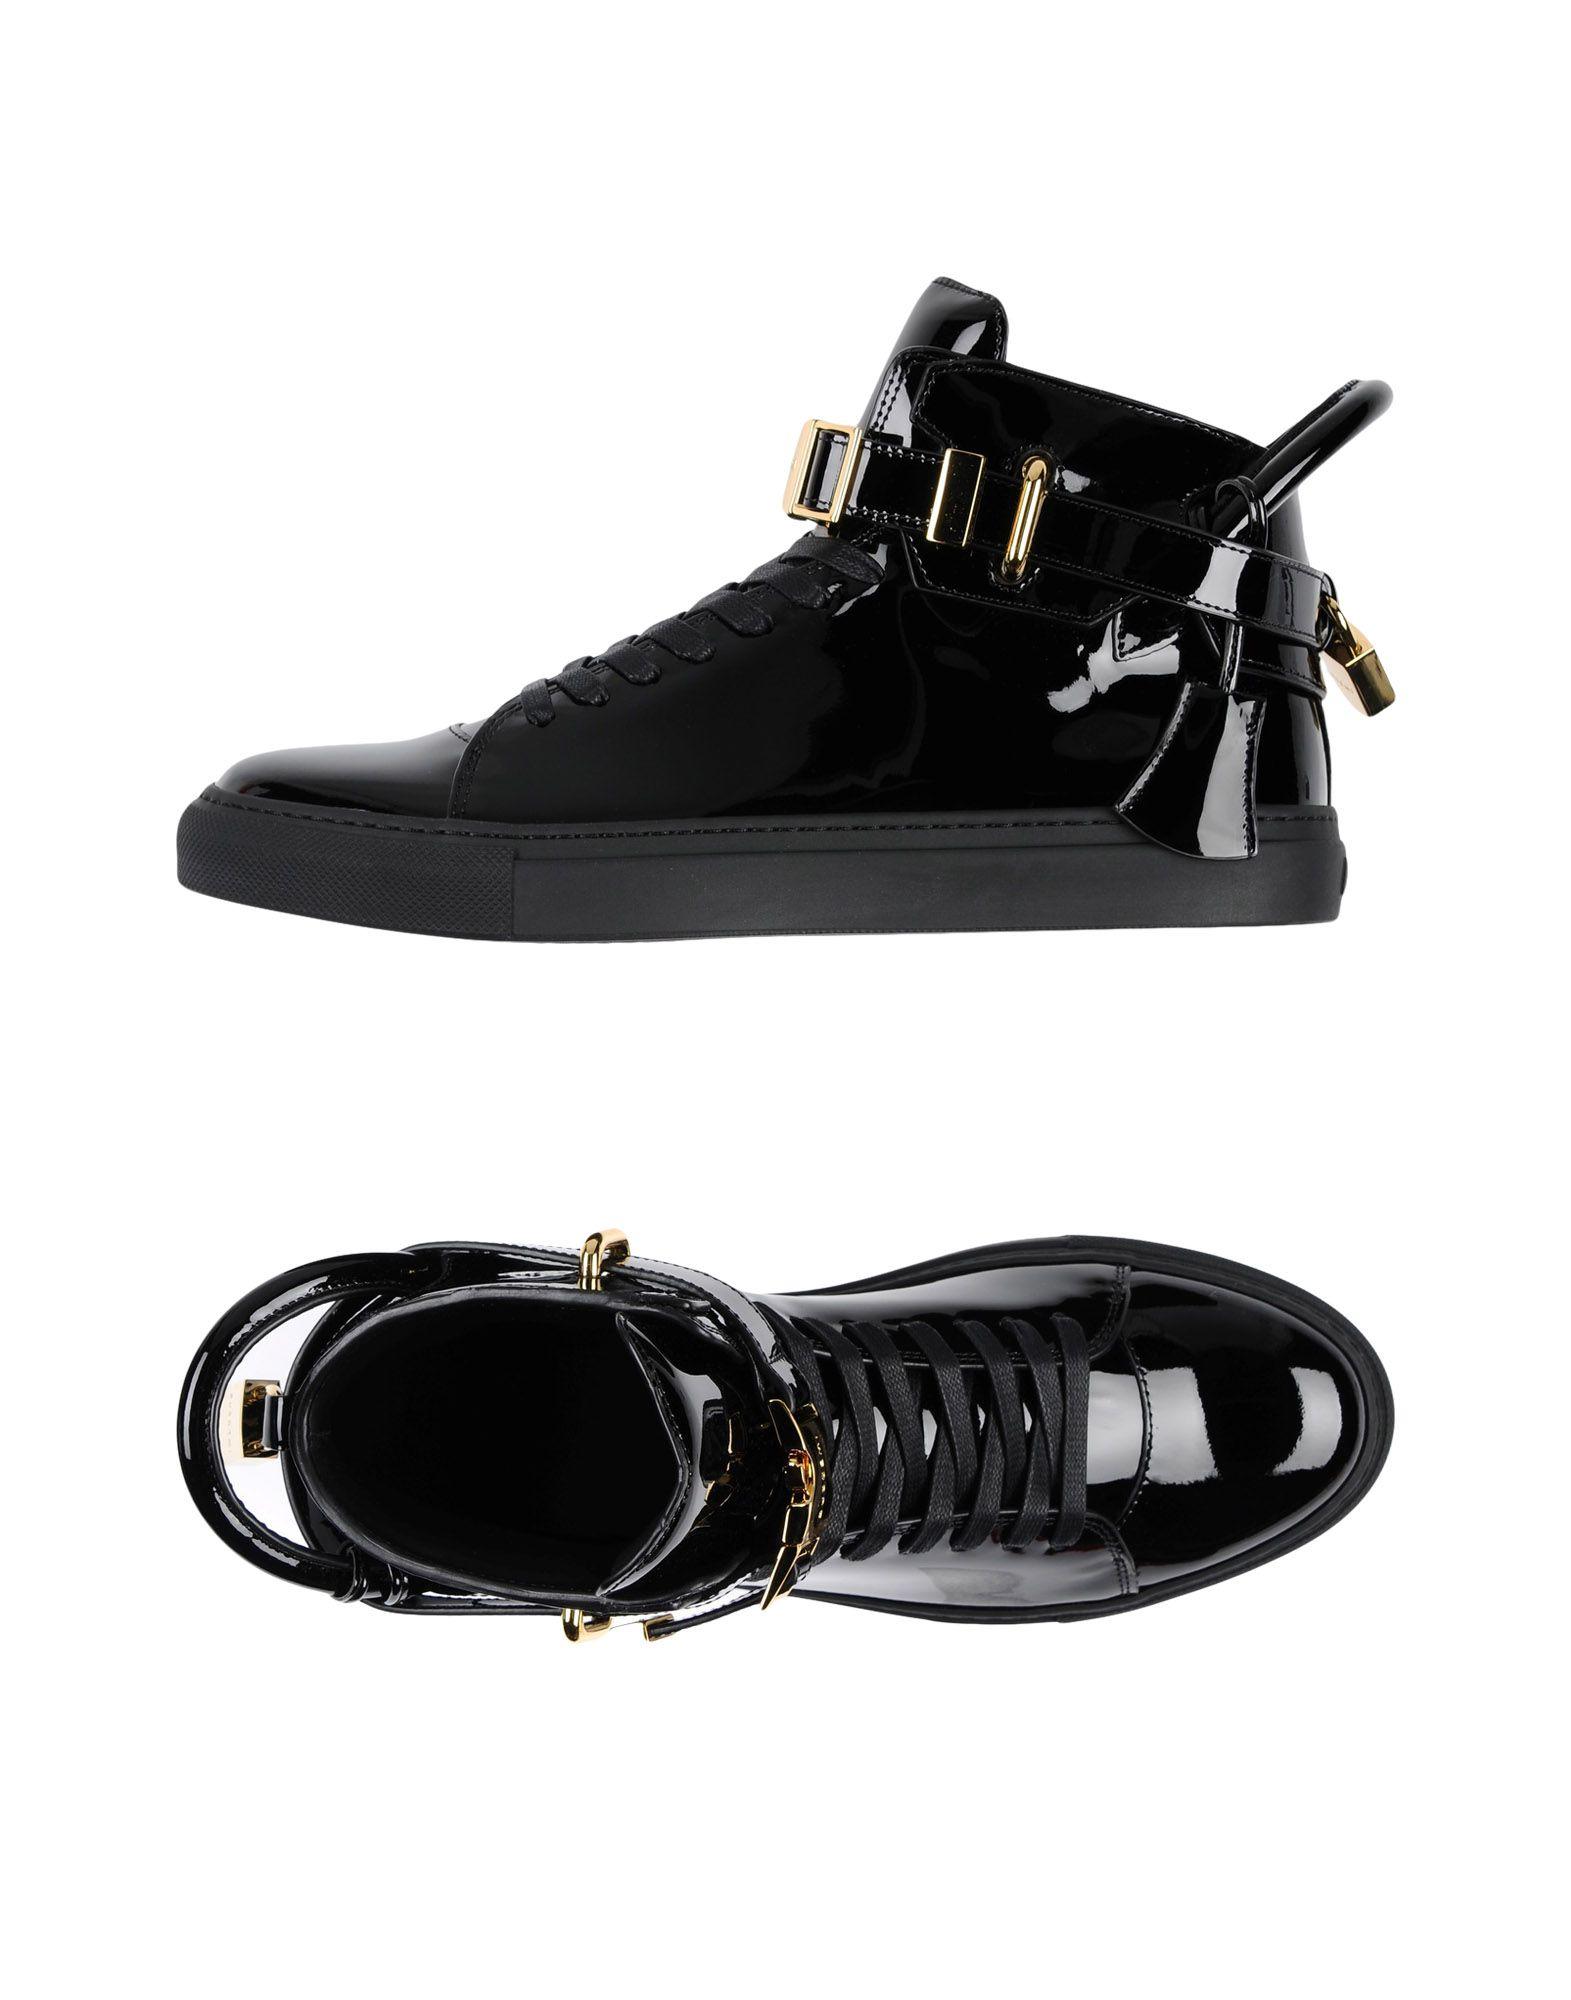 Buscemi Buscemi Buscemi Sneakers Herren  11465348CF Gute Qualität beliebte Schuhe a360c3